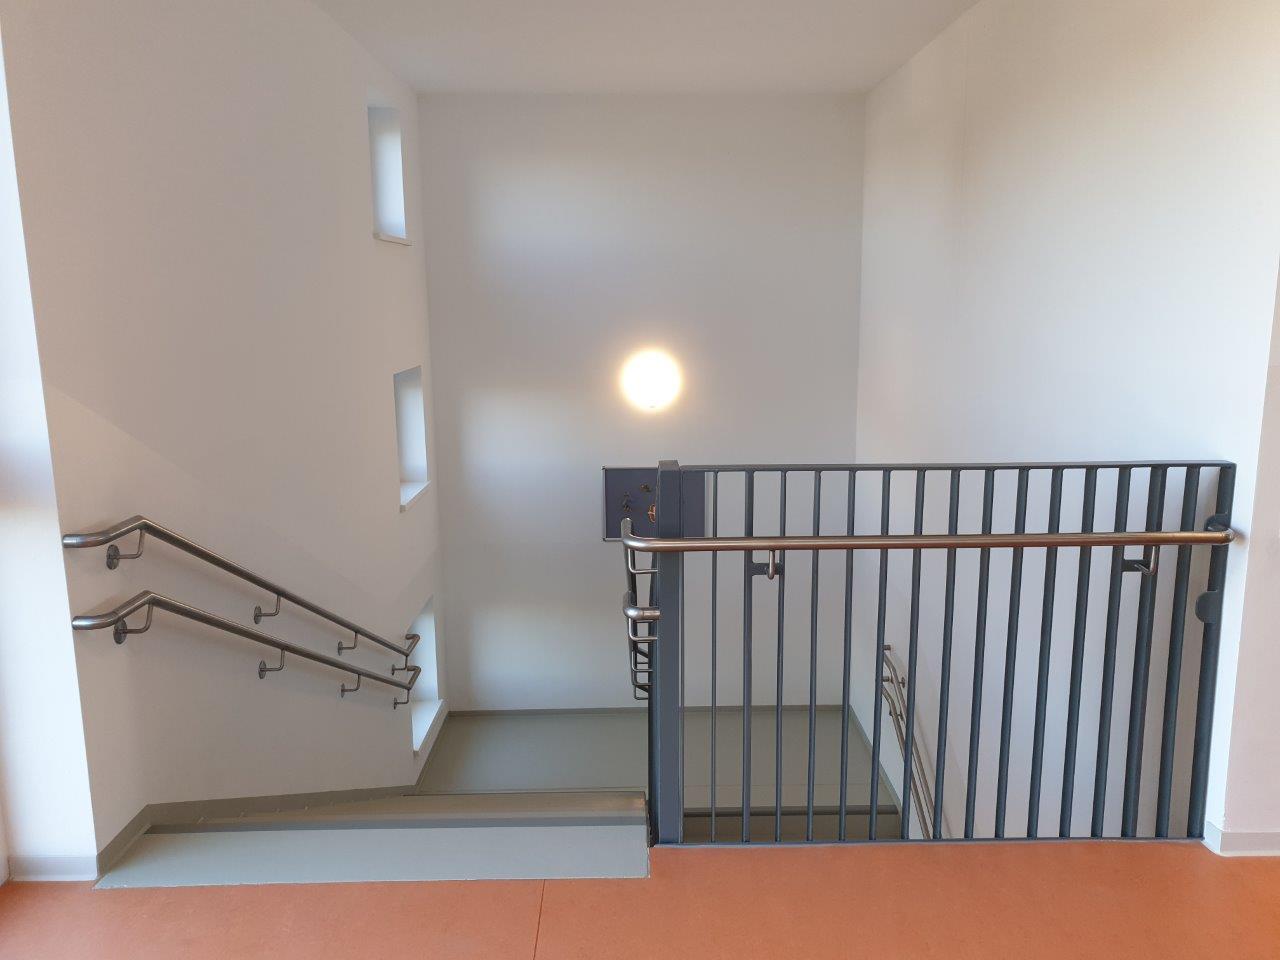 Geländer mit Handlauf der Innentreppe, 2. OG